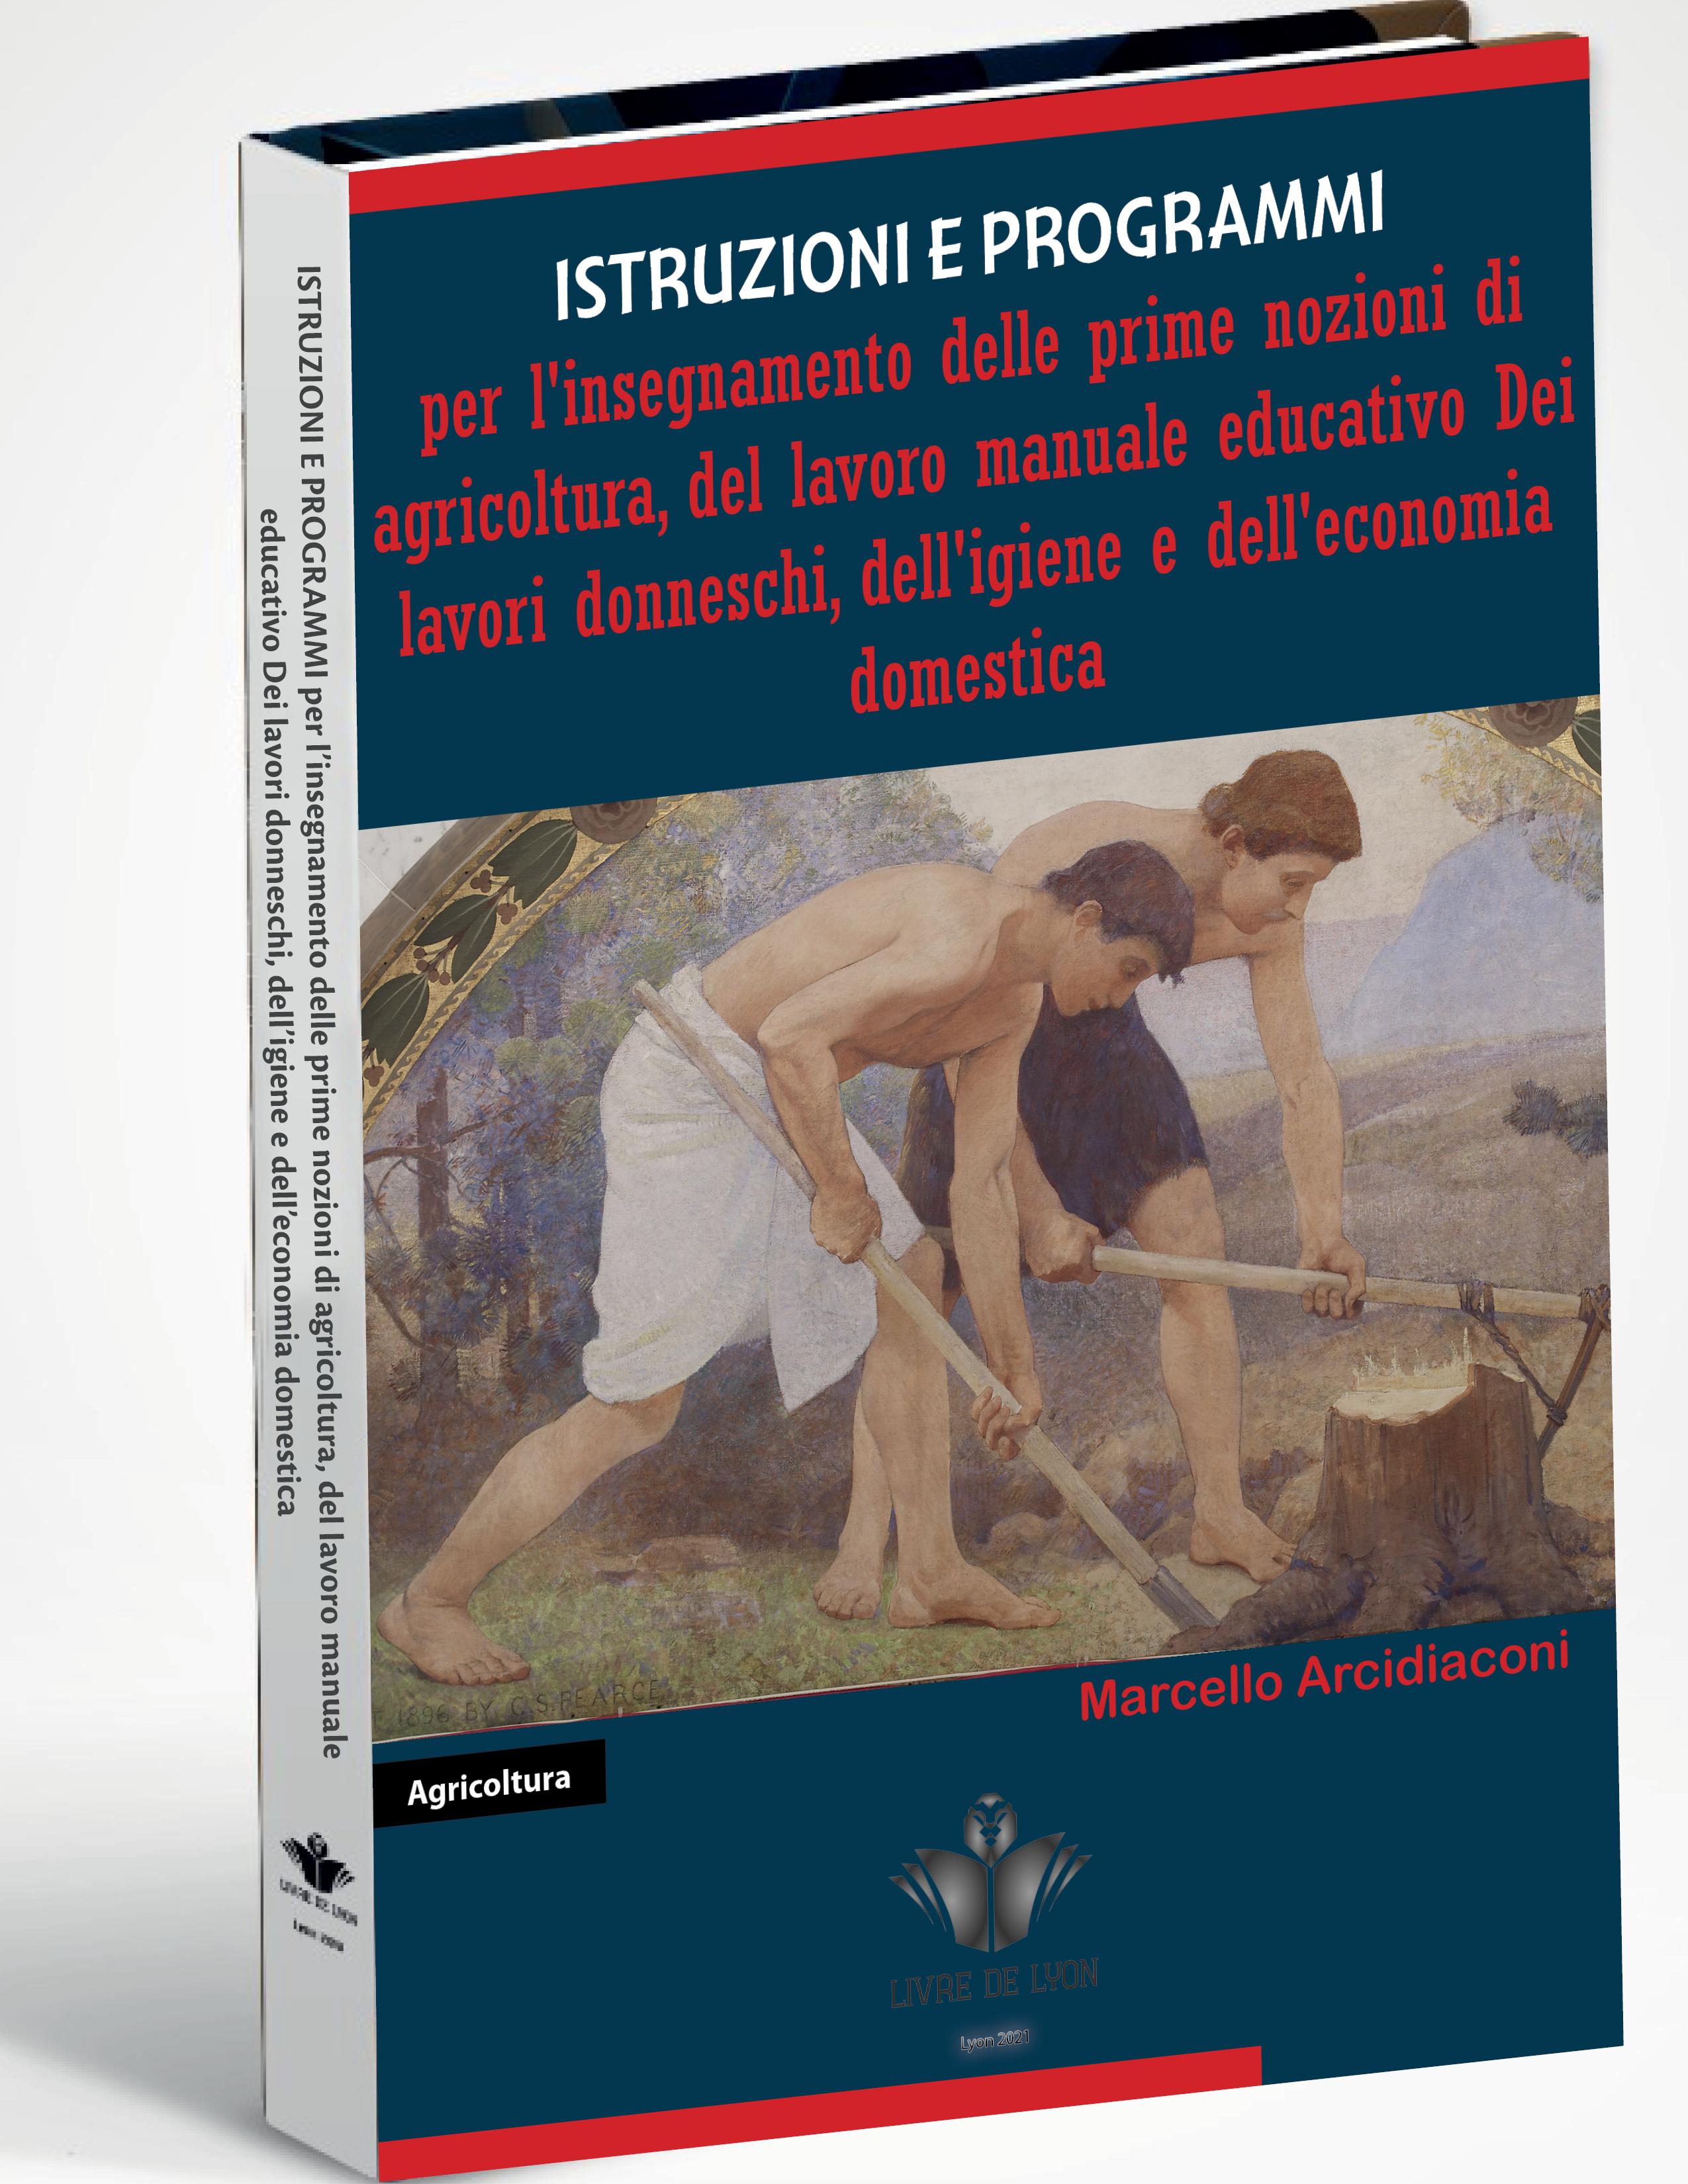 Istruzioni e Programmi  per l insegnamento delle prime nozioni di agricoltura, del lavoro manuale ed